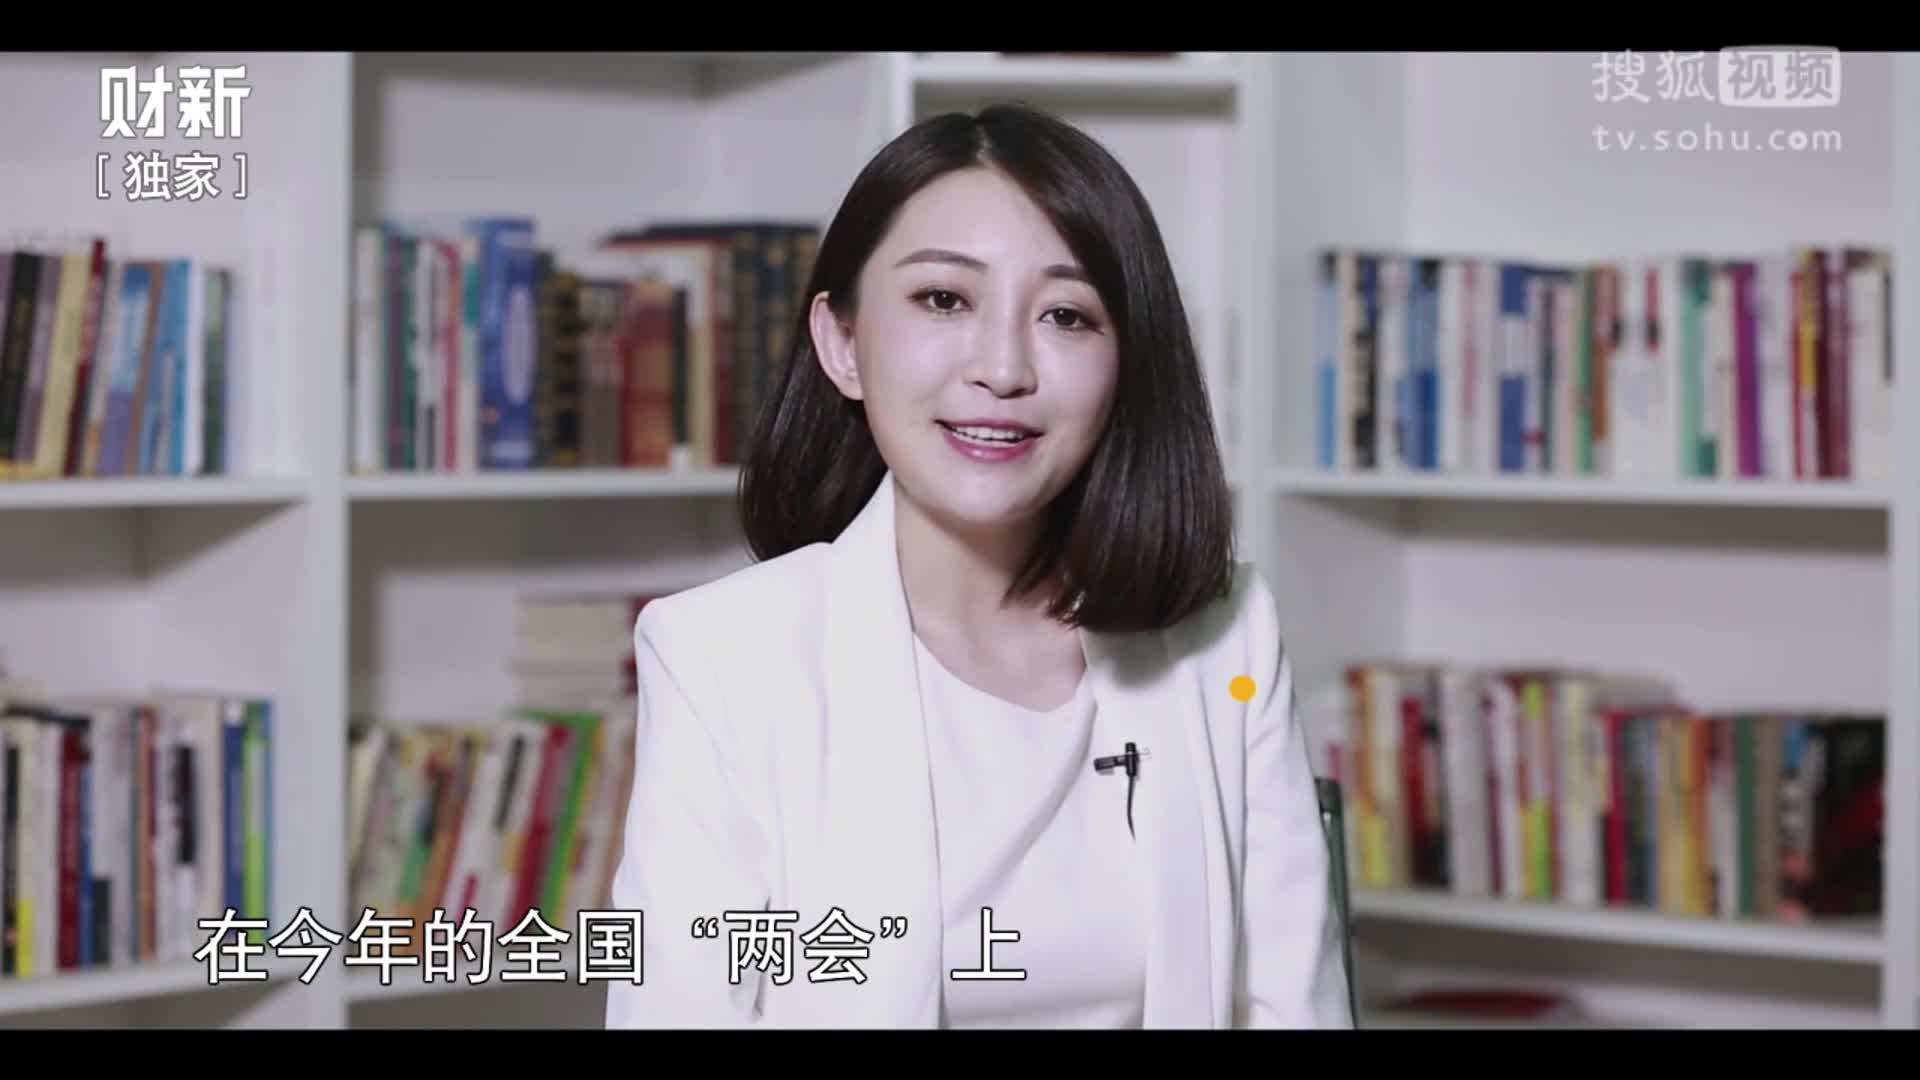 【财新时间】李稻葵析金融热点